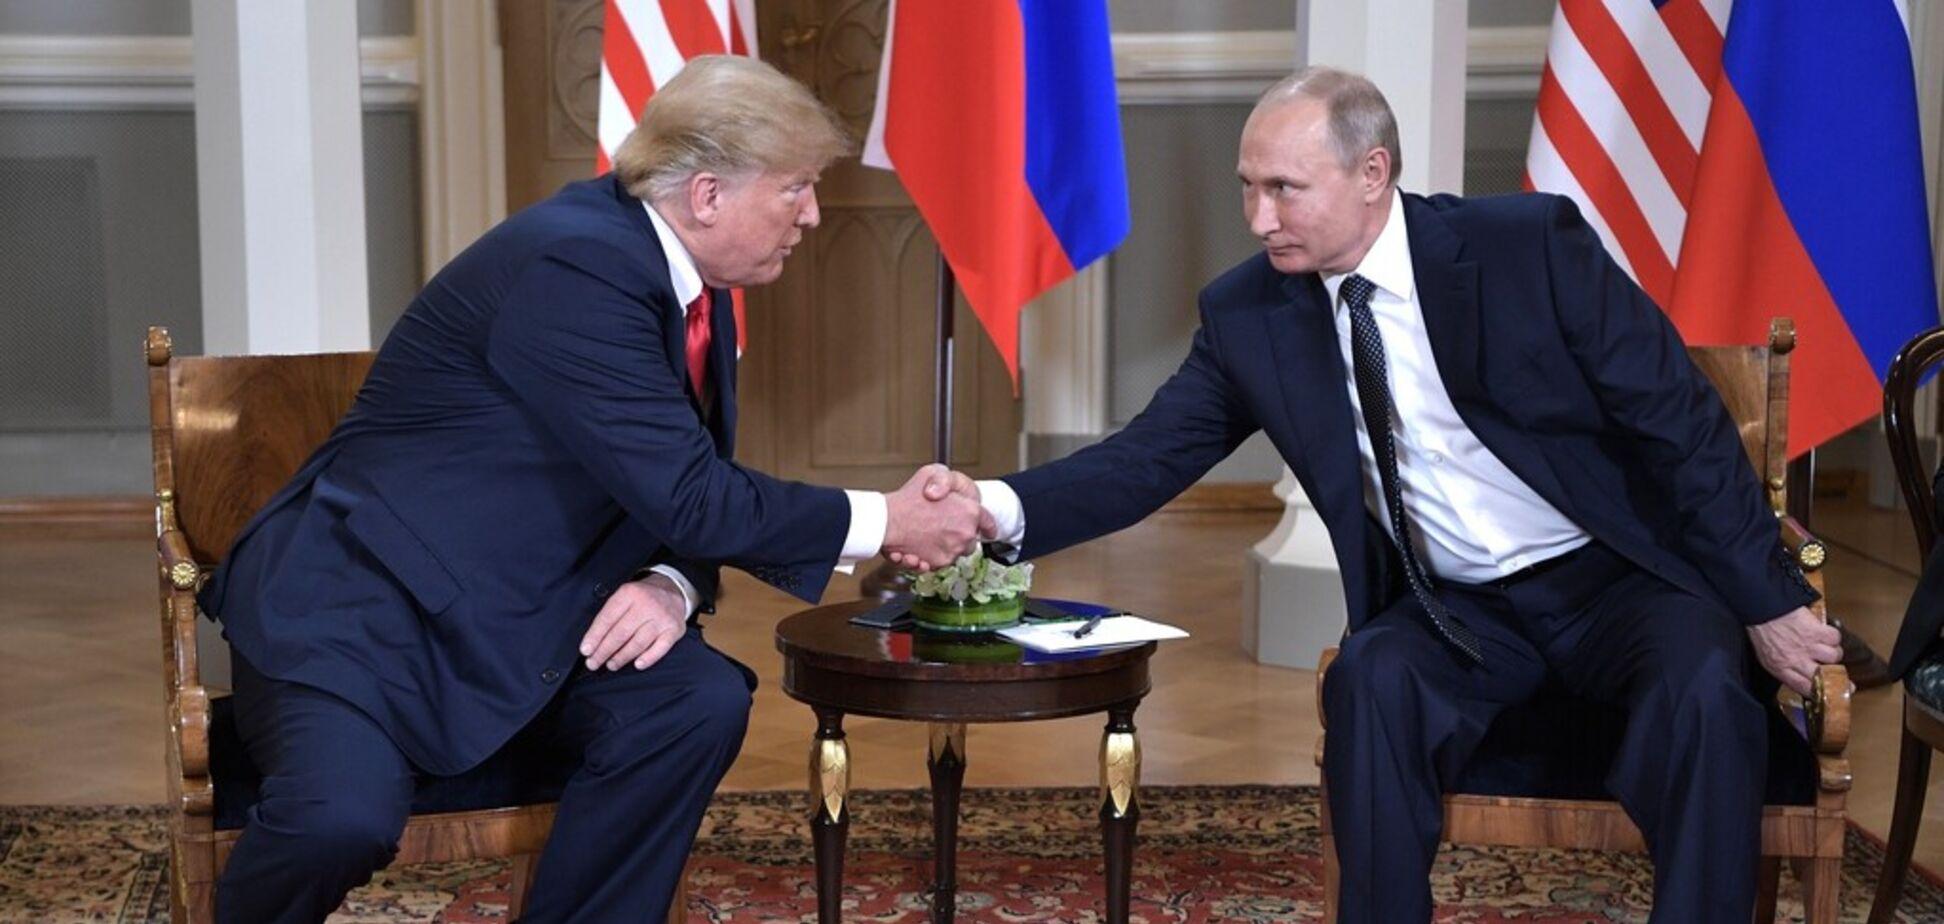 Україні варто готуватися до найгіршого. Про зустріч Трамп-Путін